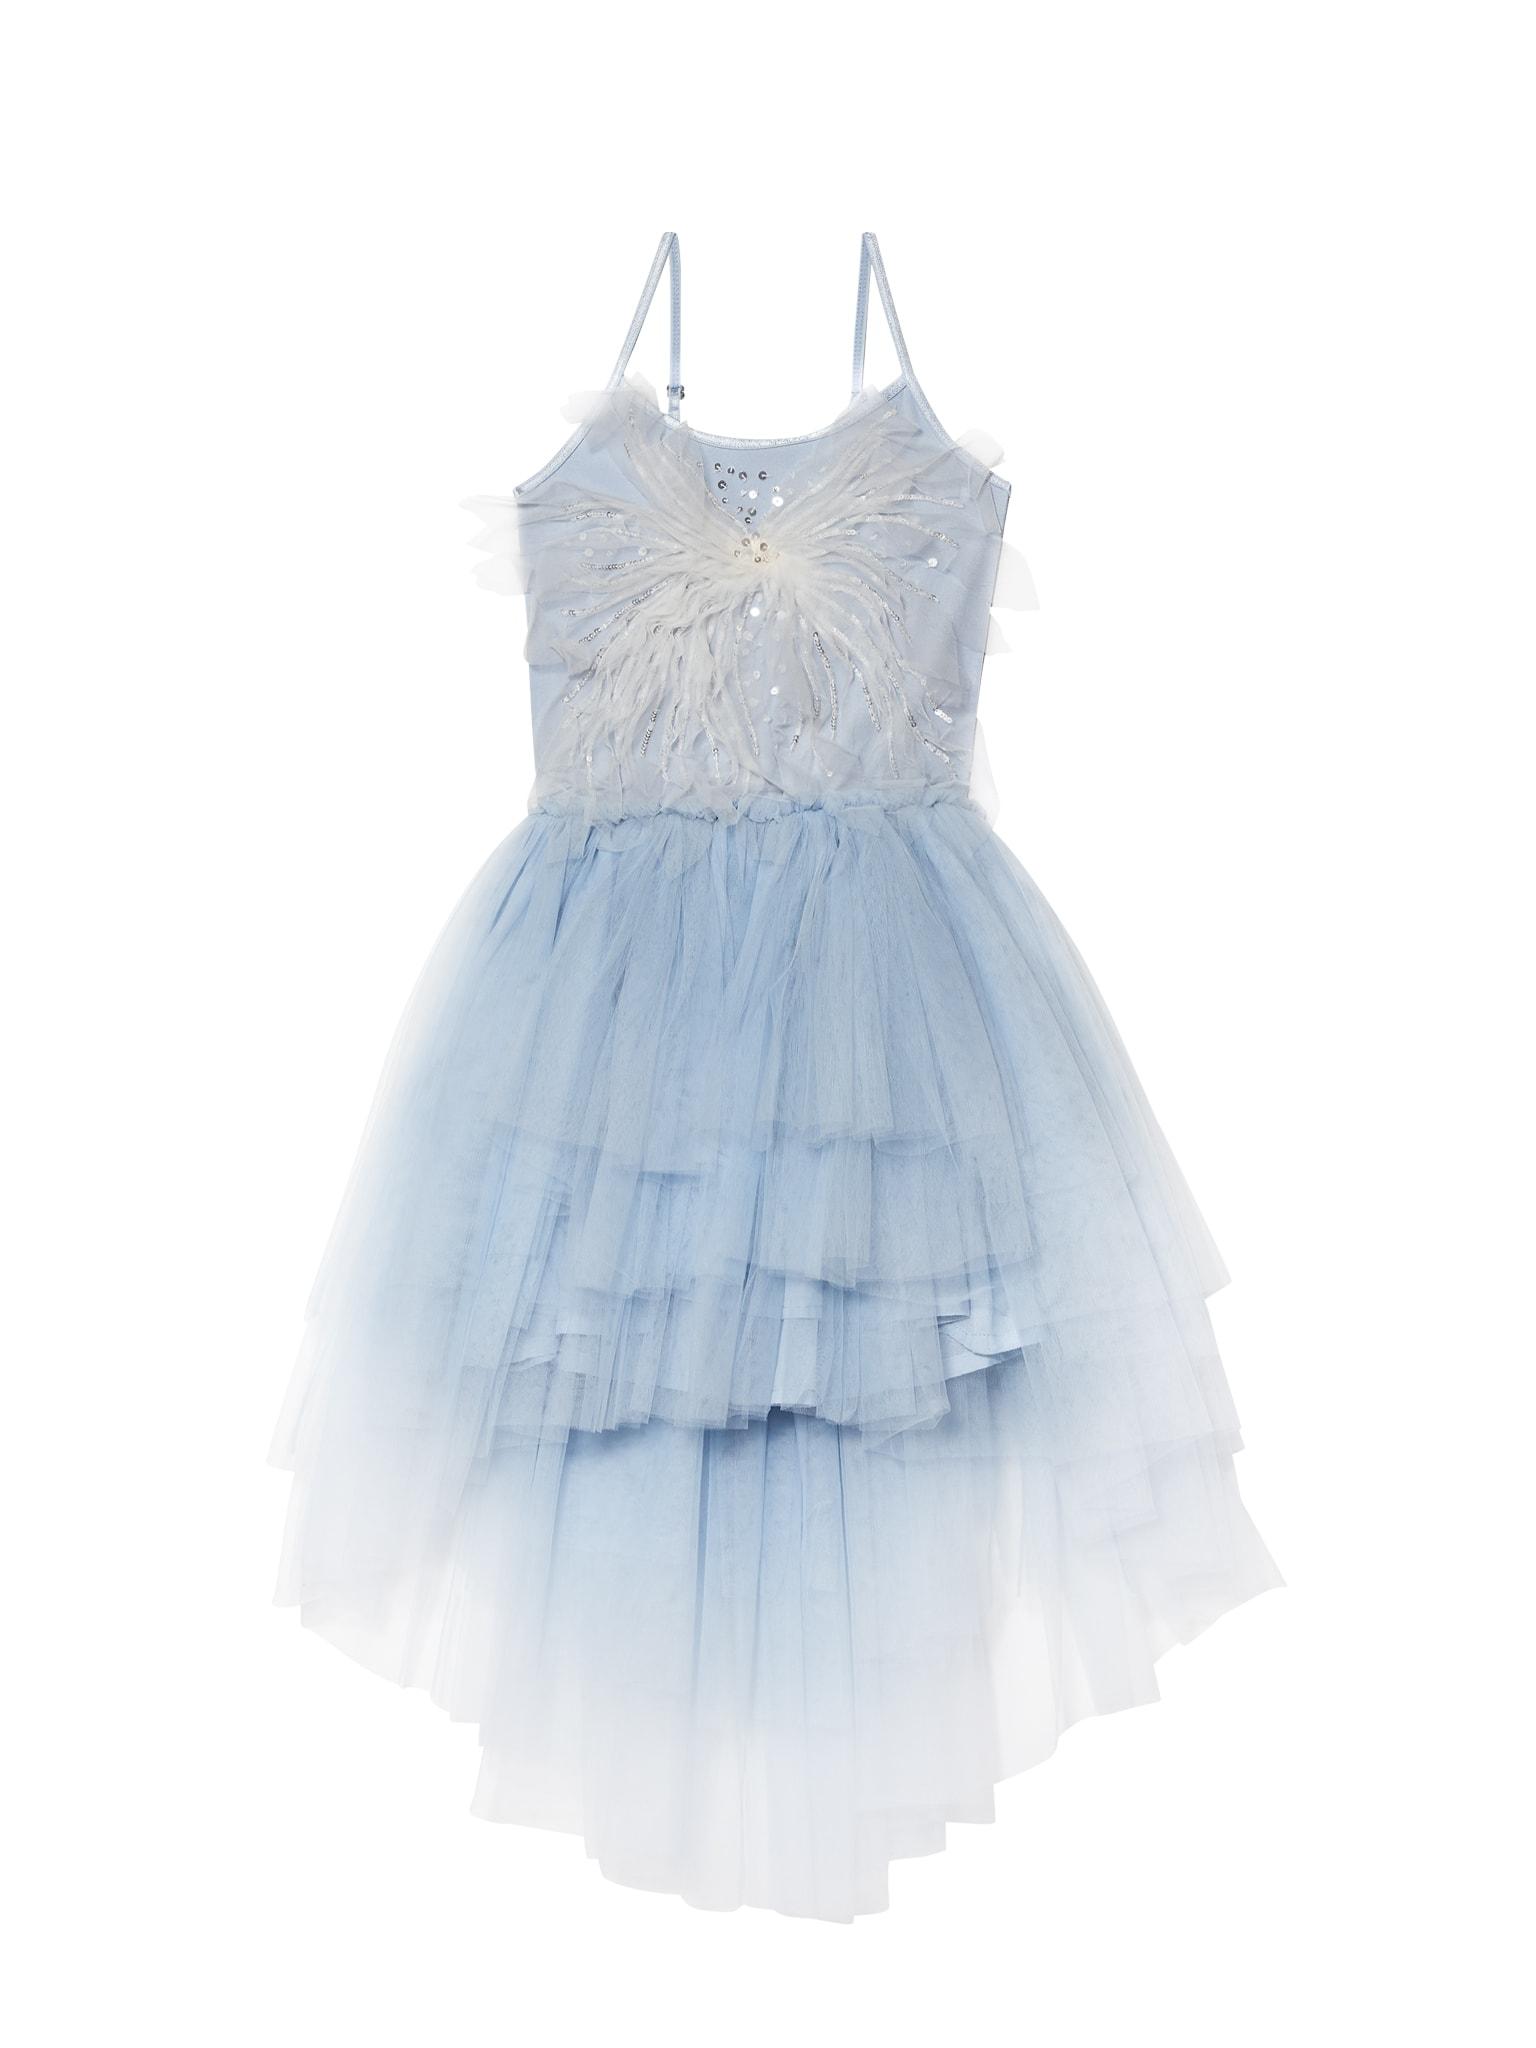 Tdm4089 let it snow tutu dress 01 min